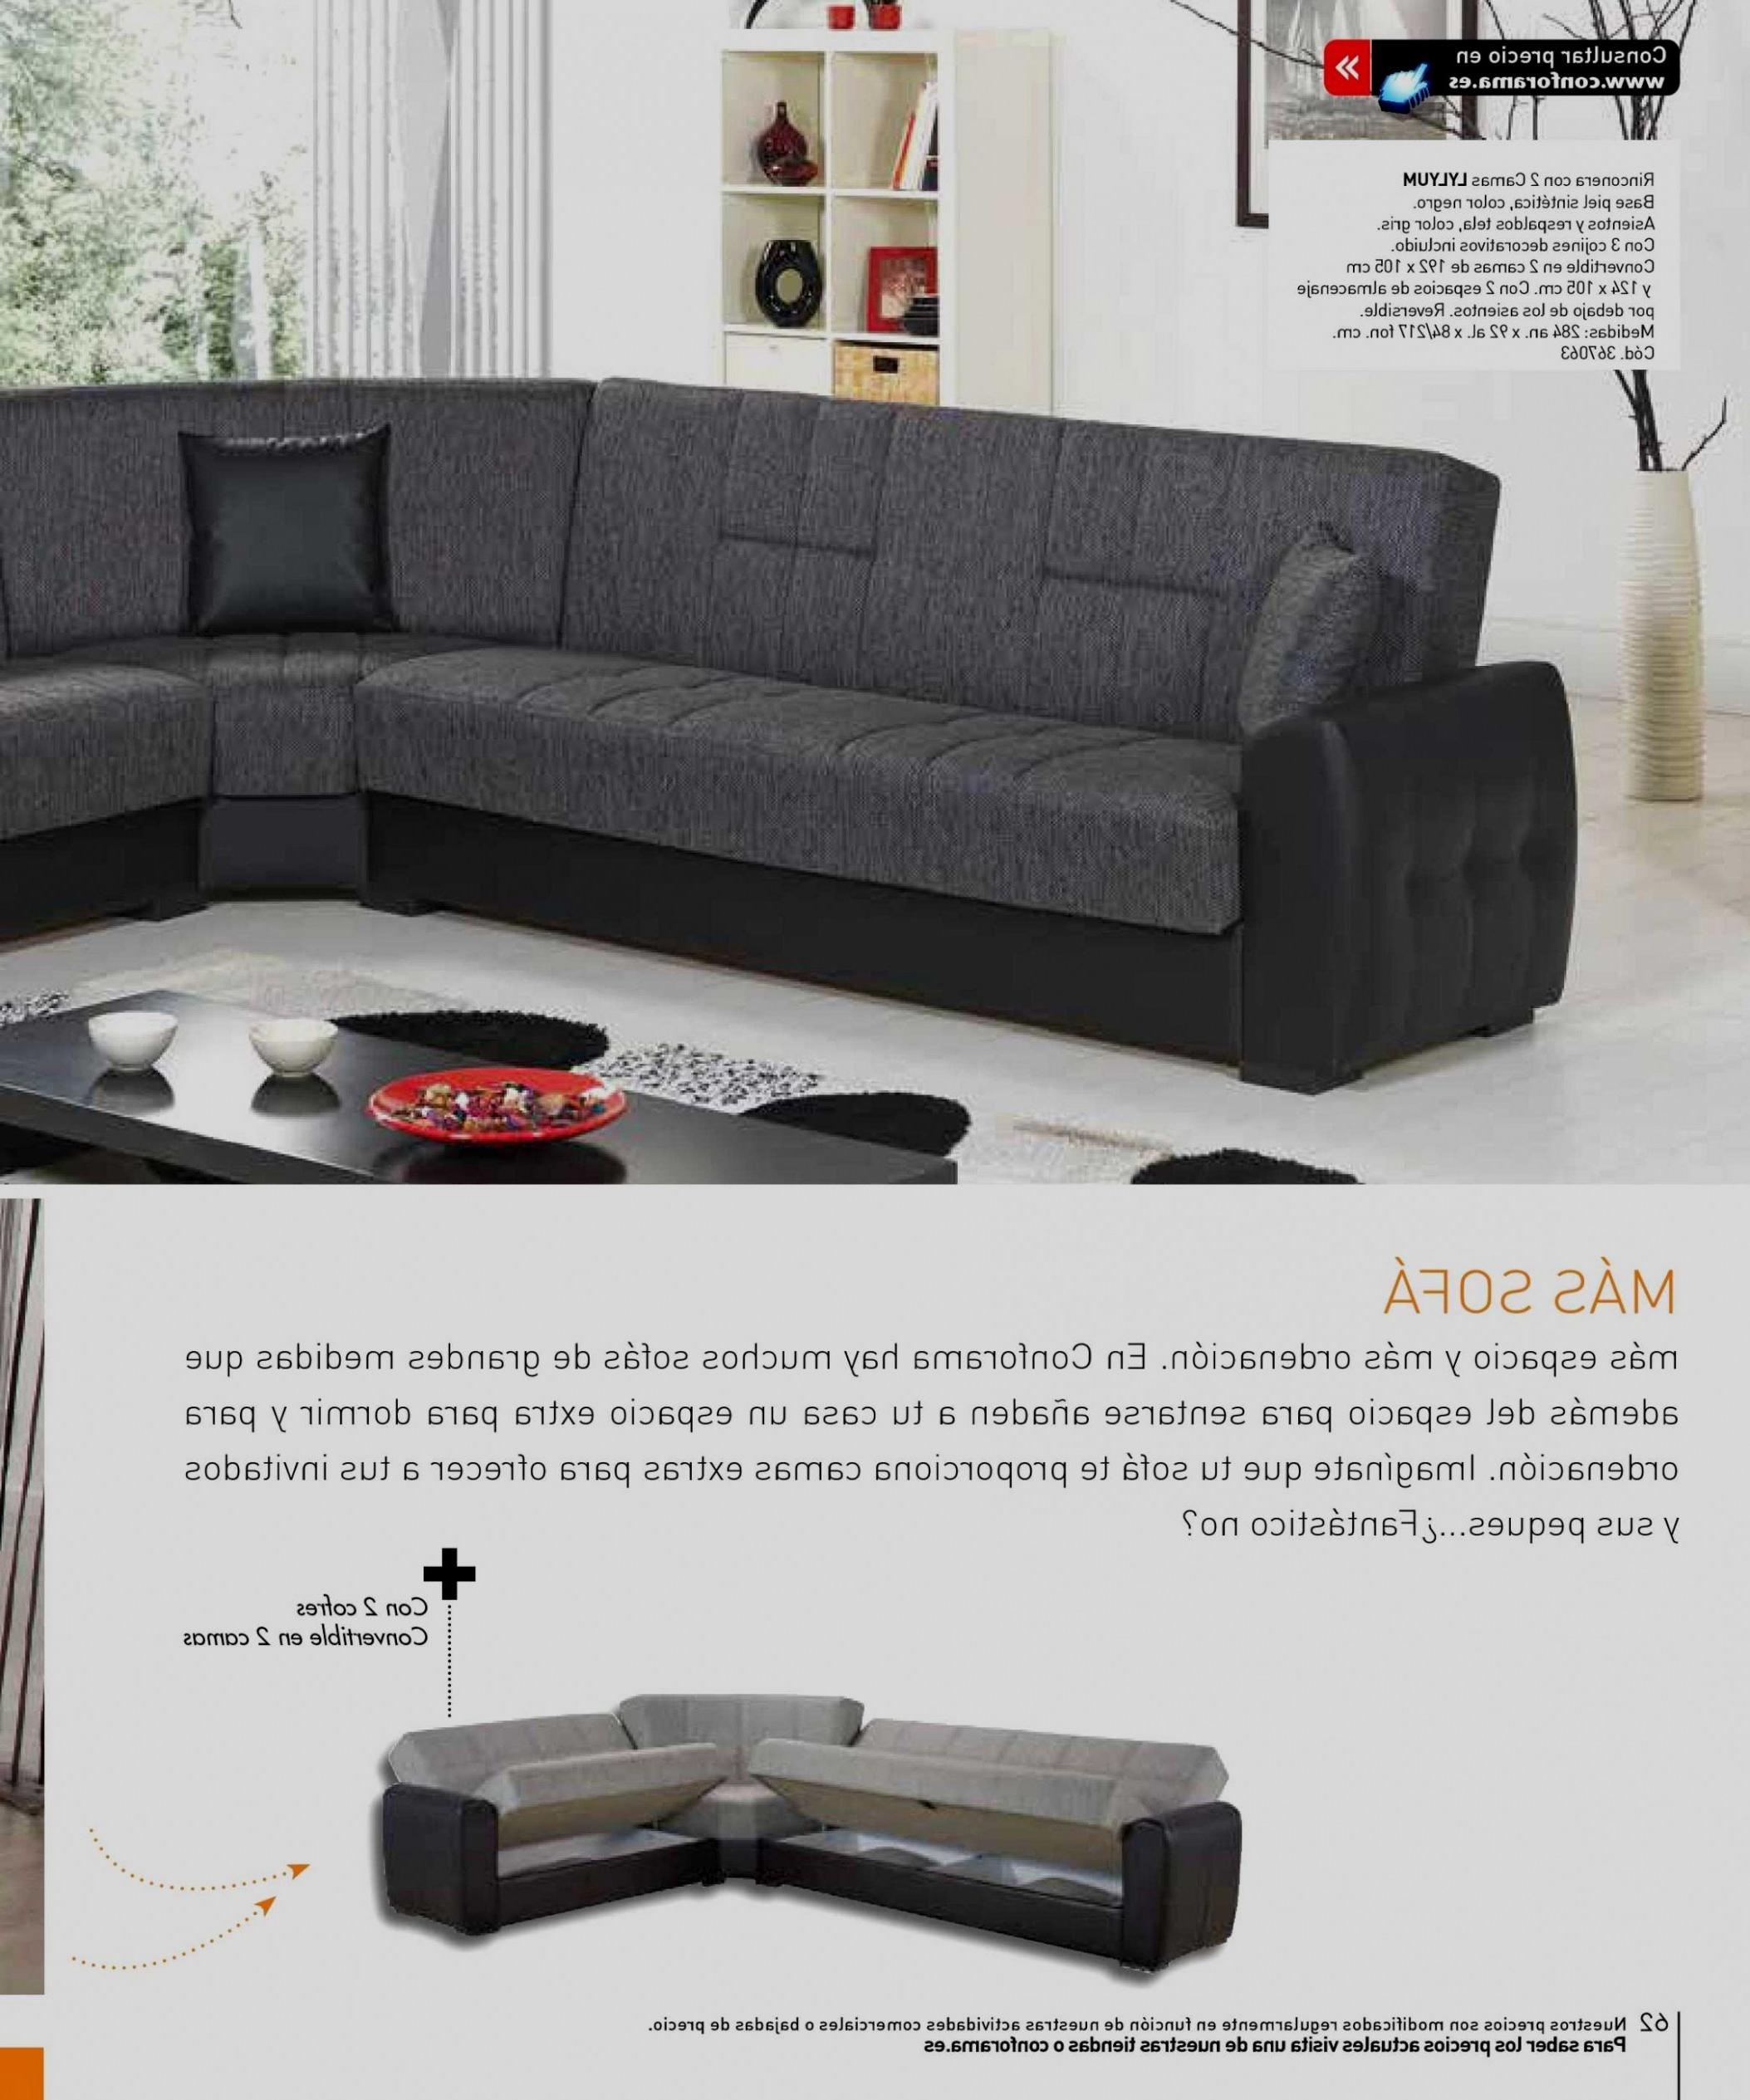 Sofas Conforama Precios E9dx sofas Conforama Precios Bien sofas Alicante Liquidacion